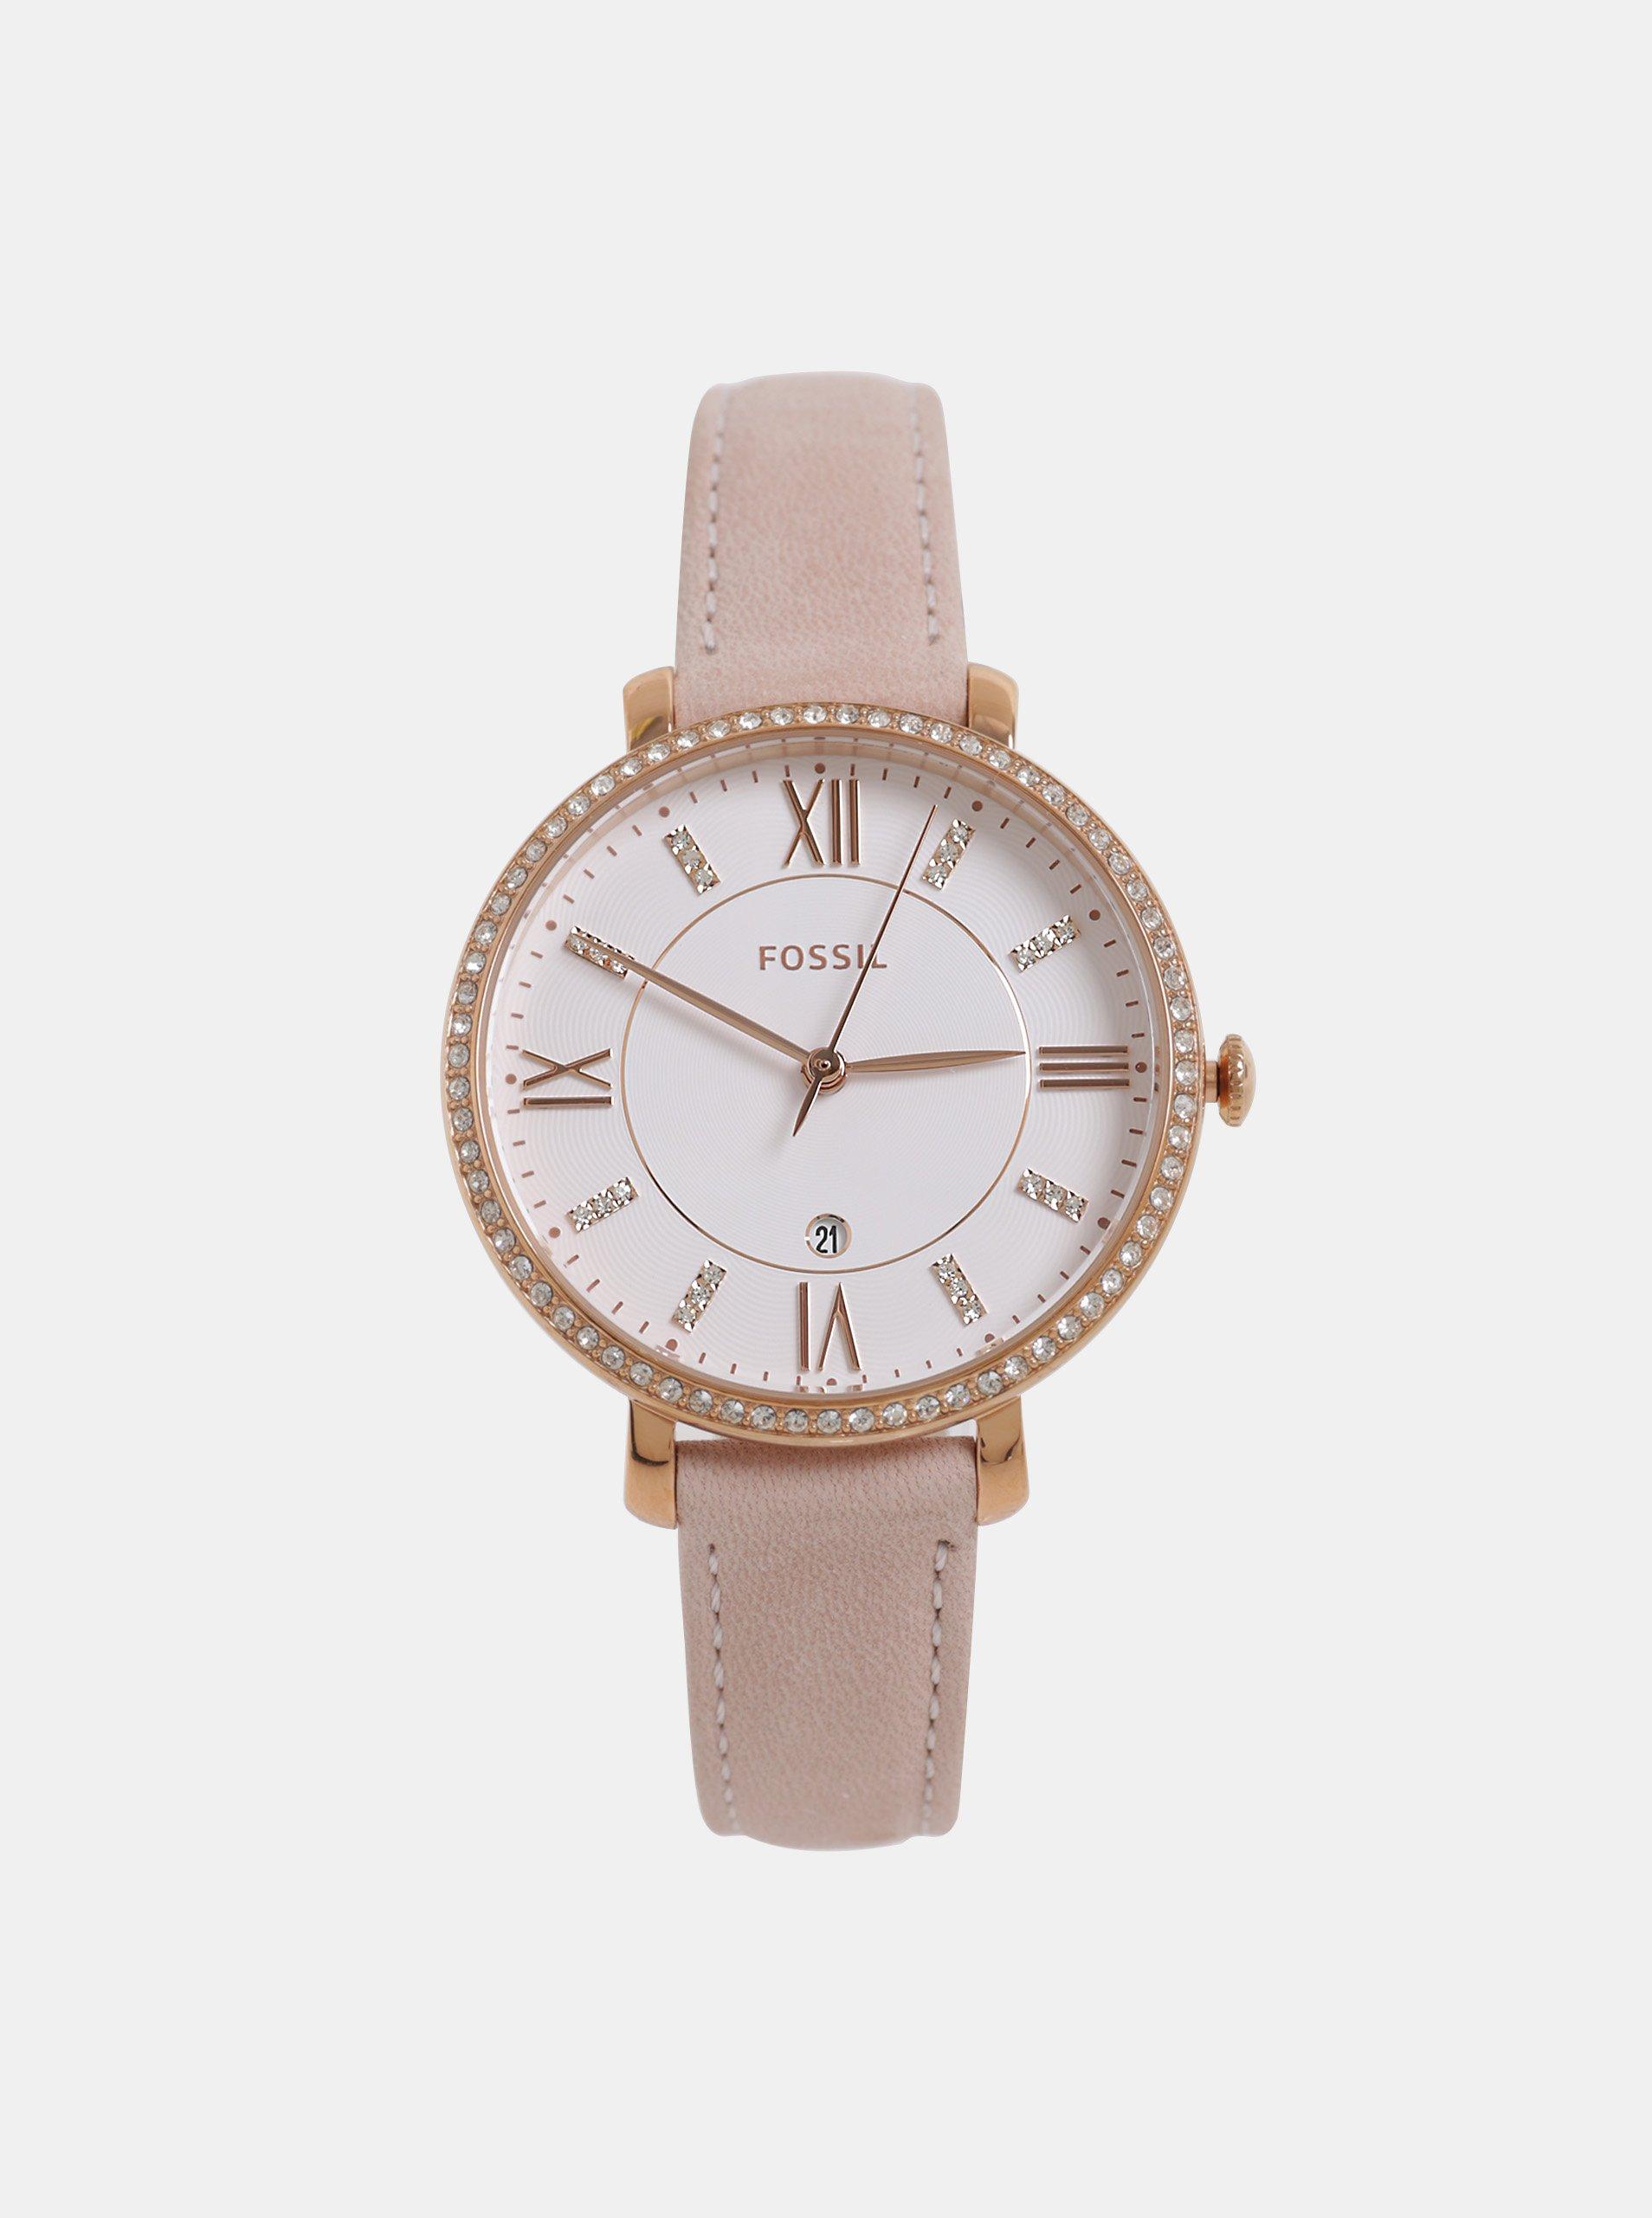 Růžové dámské hodinky s koženým řemínkem Fossil Jacqueline